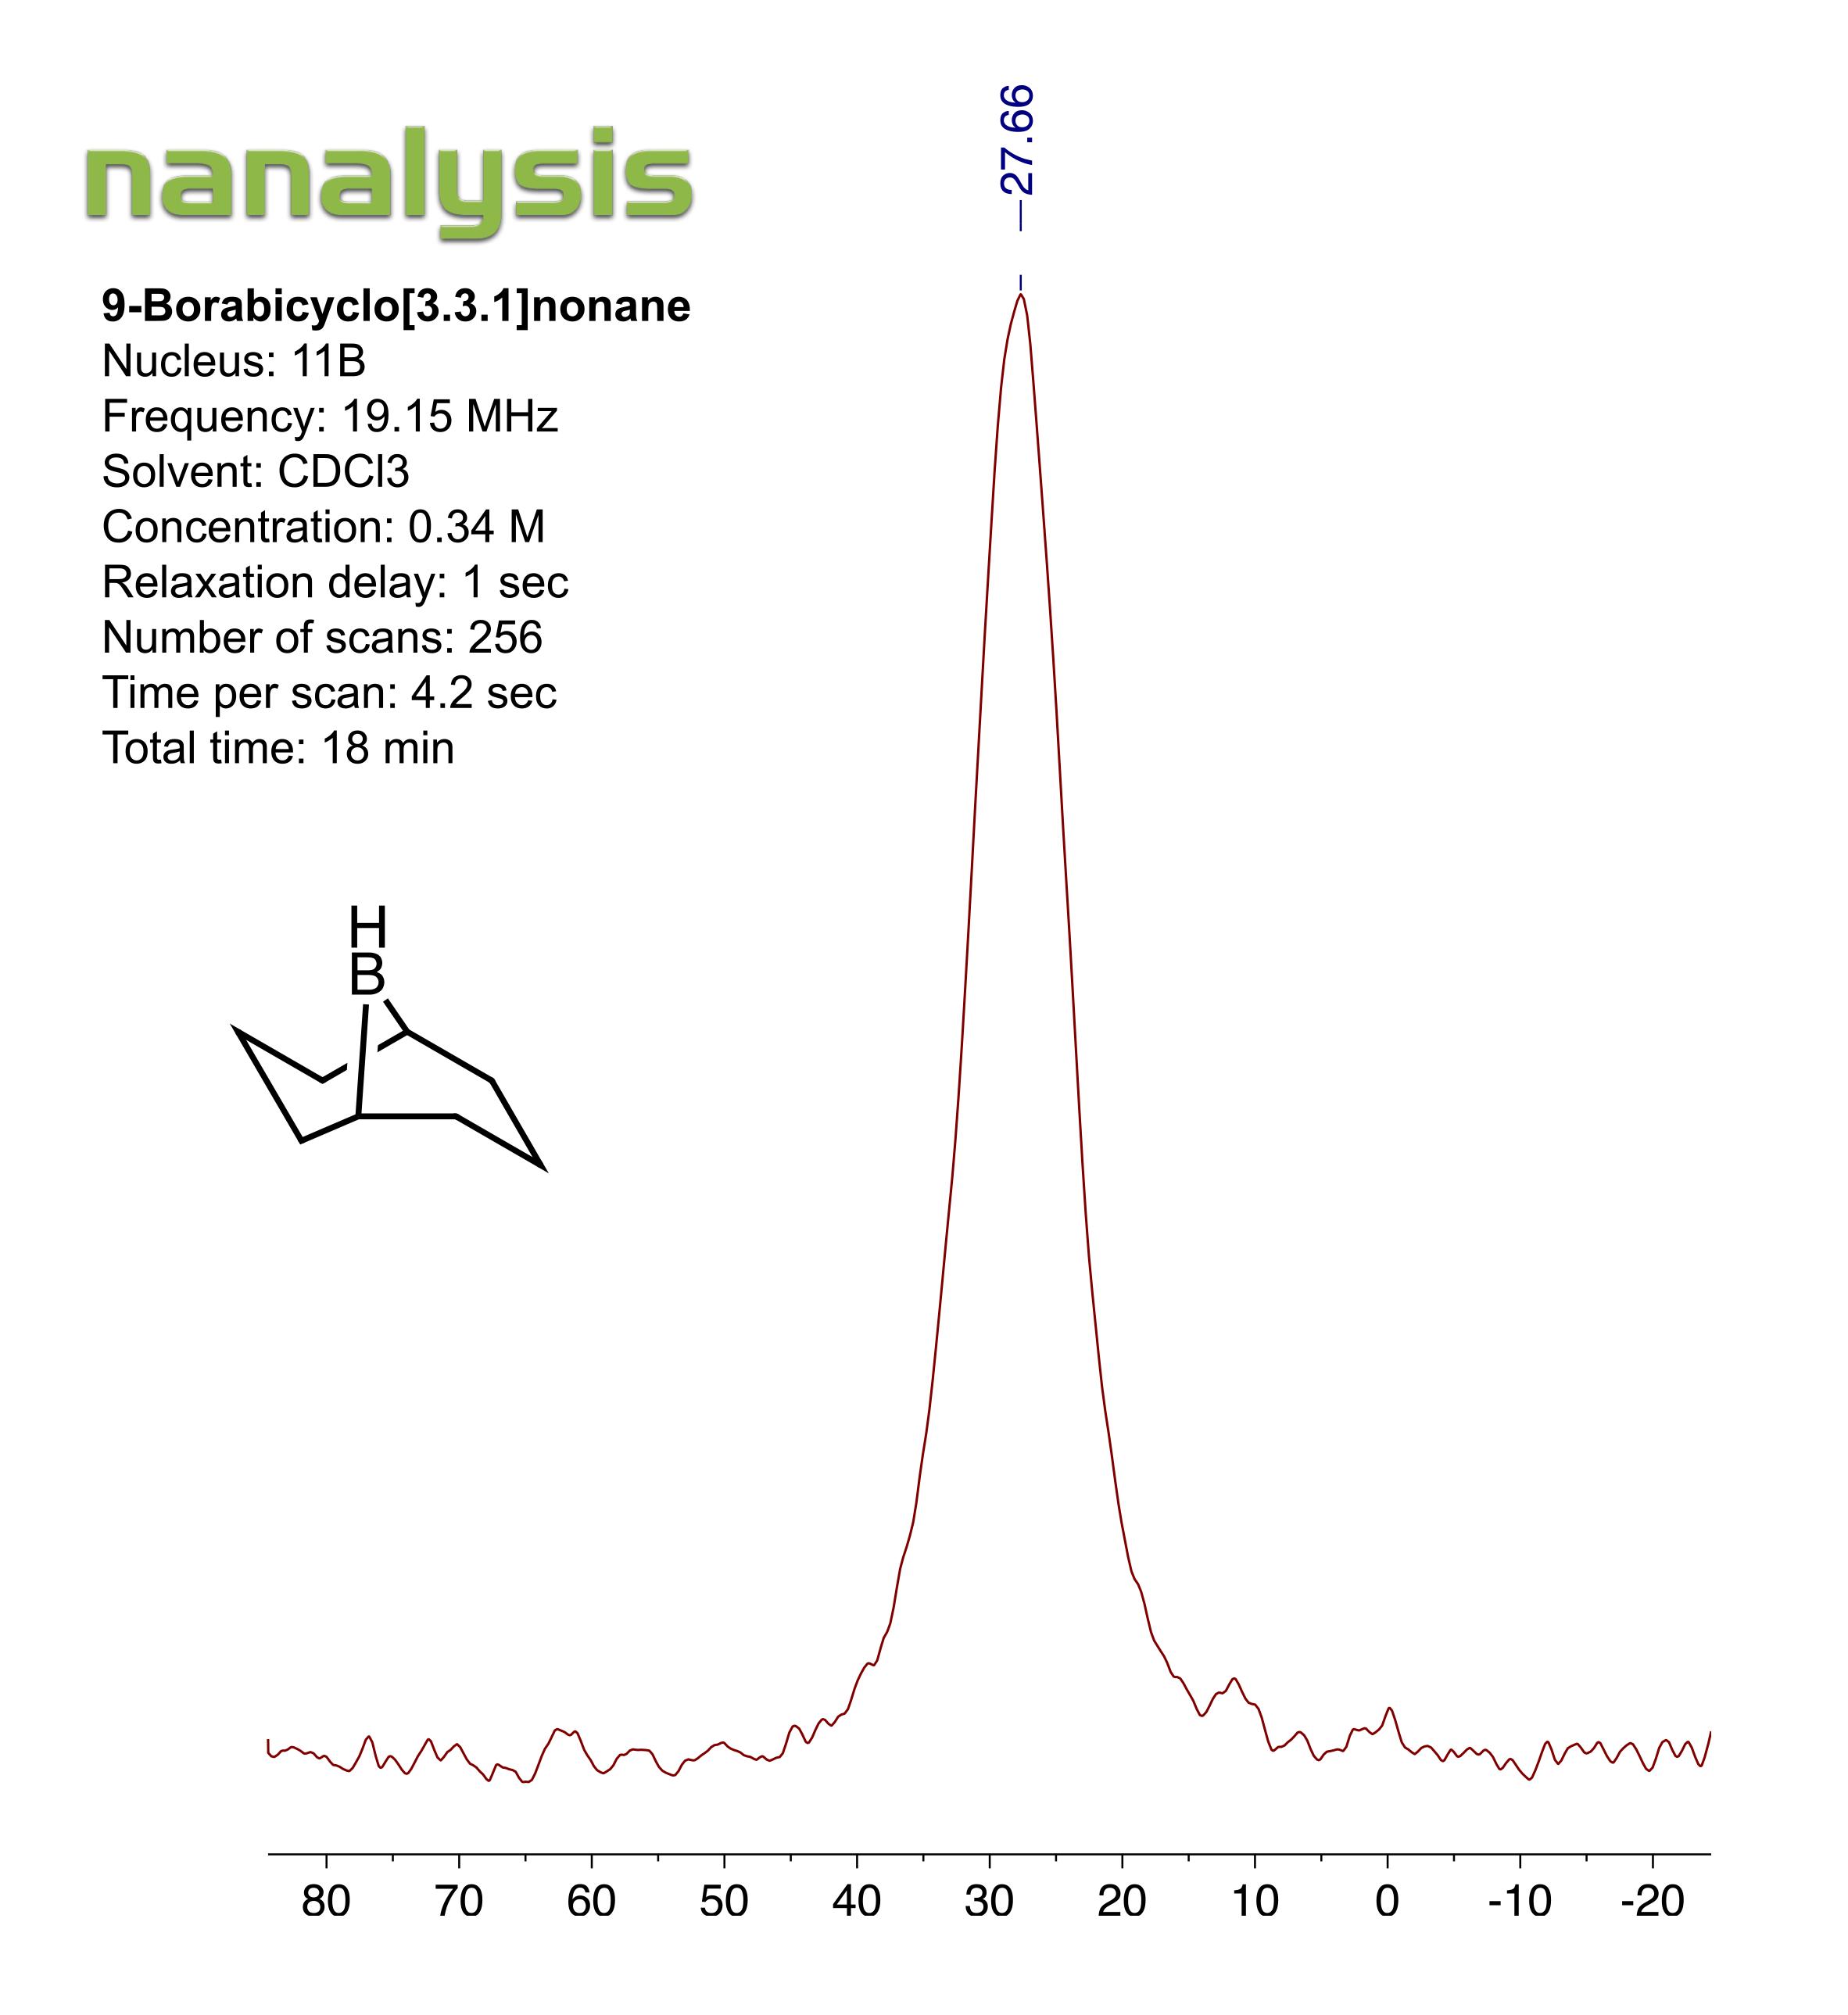 9-Borabicyclo[3.3.1]nonane